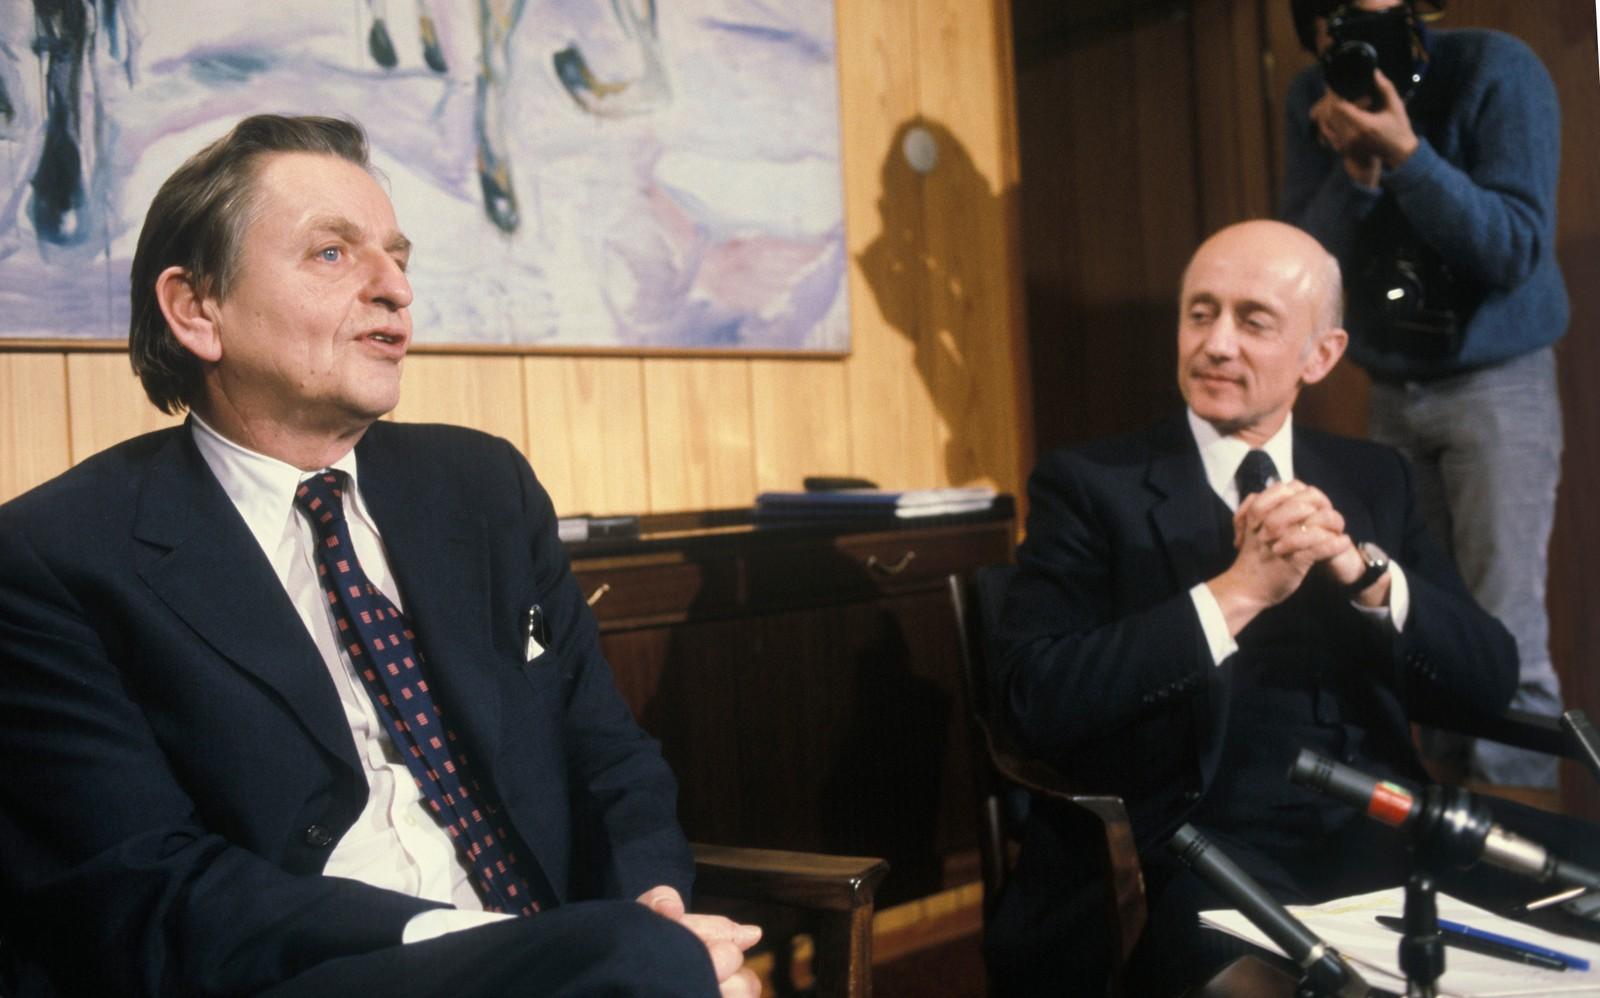 Den svenske statsminister Olof Palme på besøk i Oslo. Her i samtale med statsminister Kåre Willoch i 1983.